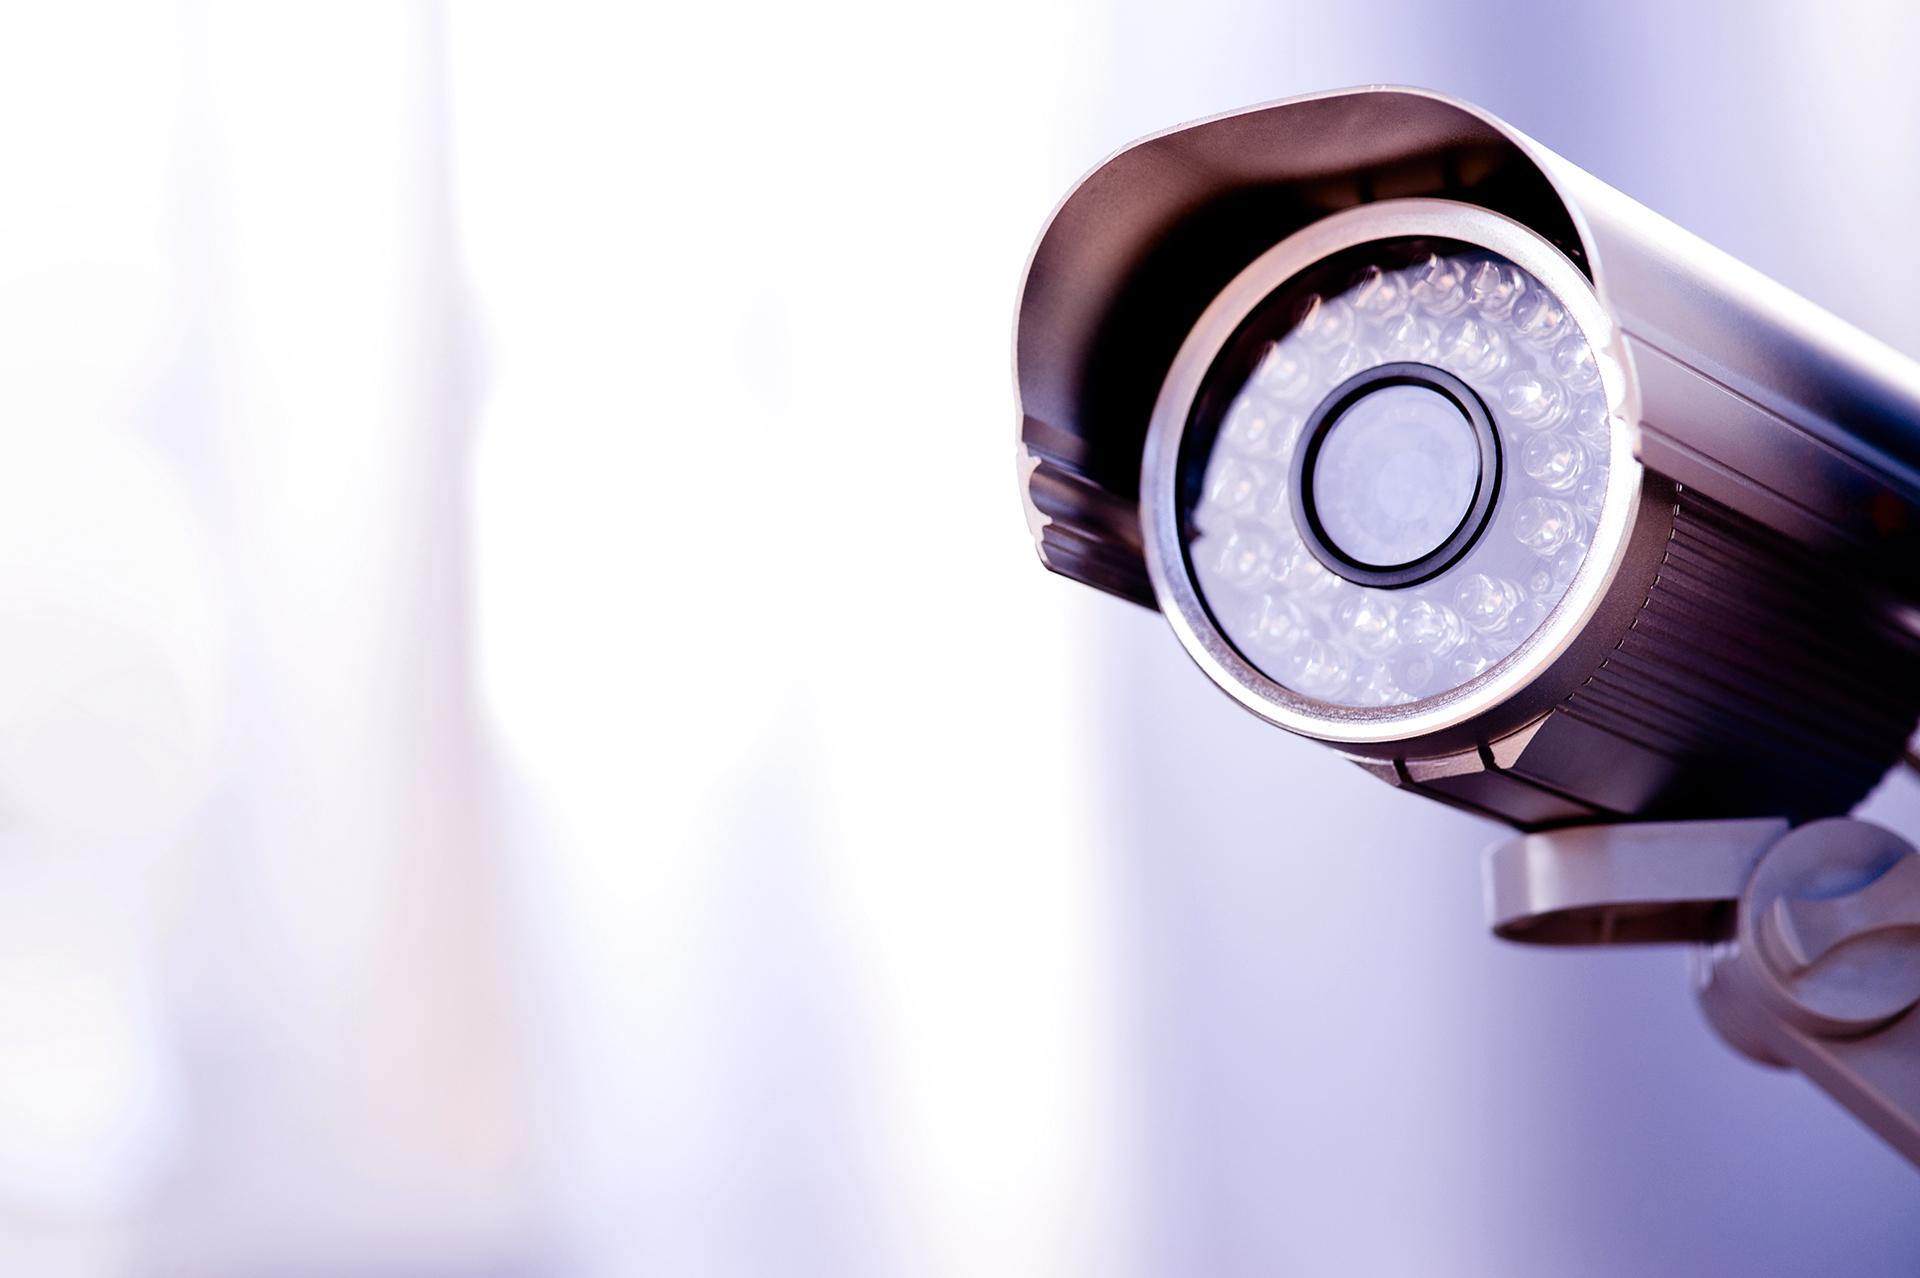 En närbild på en bevakningskamera